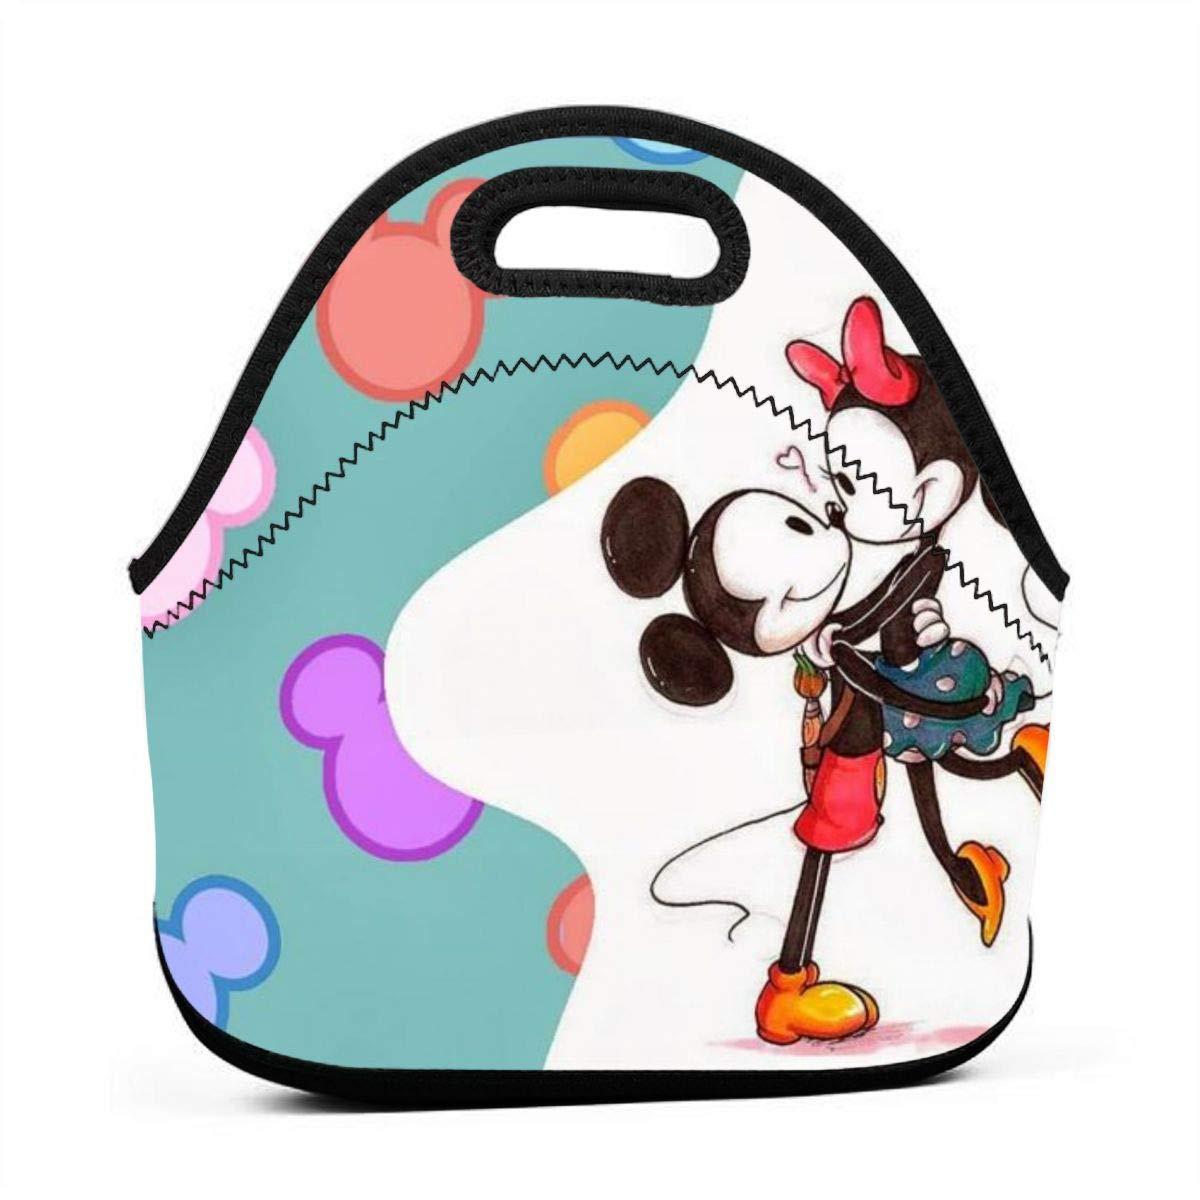 N//A Mickey Mouse Bolsa peque/ña para el Almuerzo Bolsa de Picnic con Cremallera para Viajes al Aire Libre